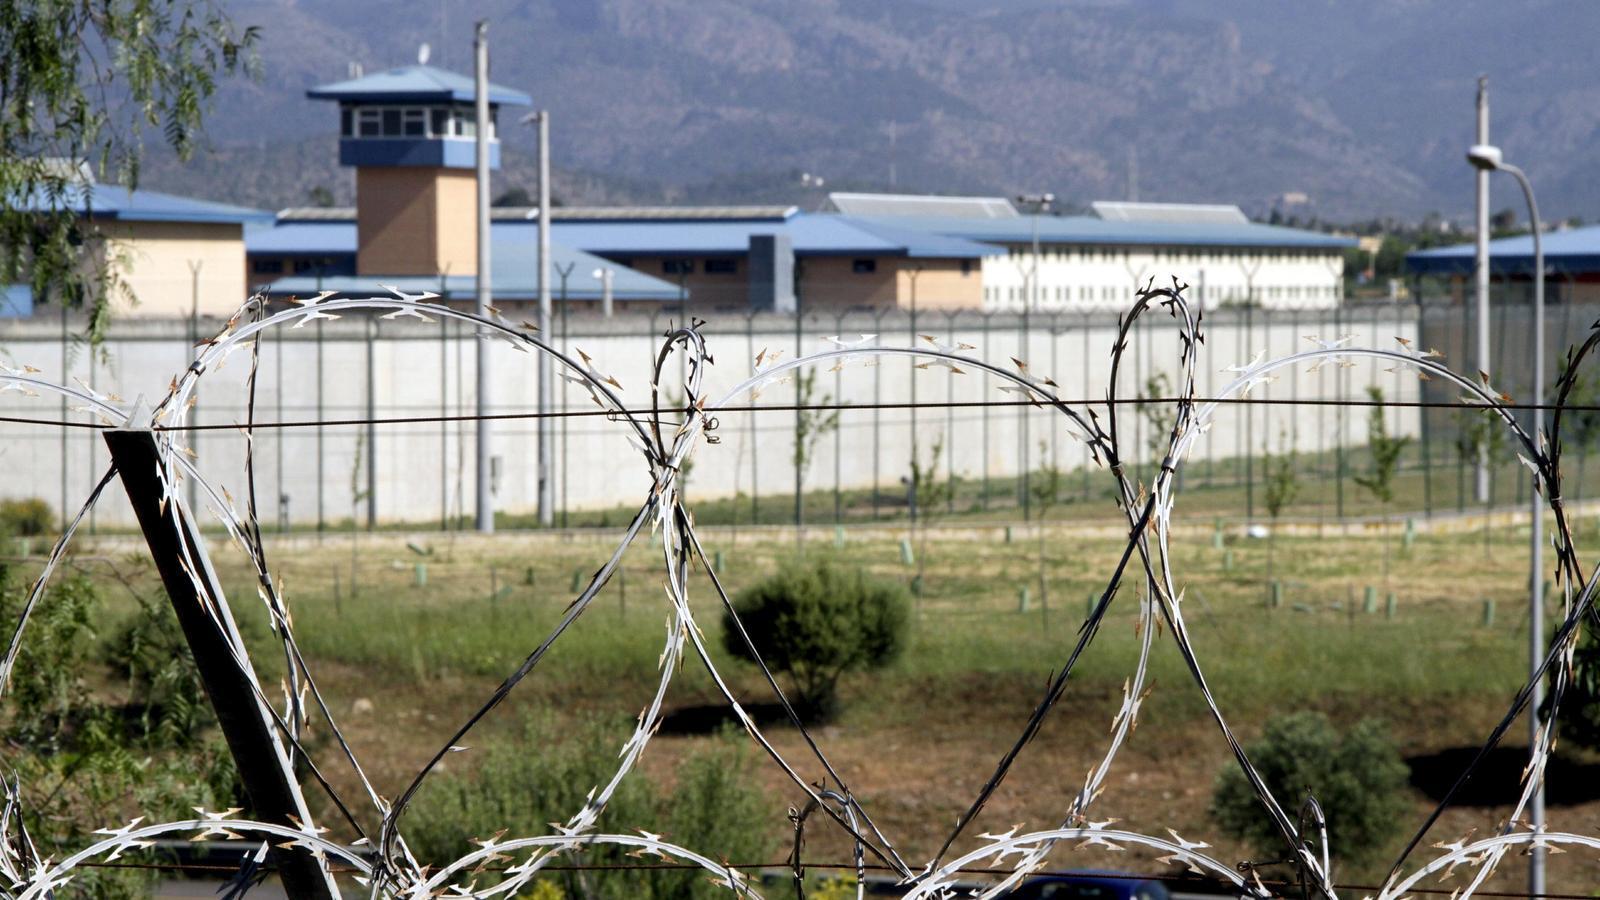 Torna el servei d'atenció jurídica gratuïta per a presos i gent dependent